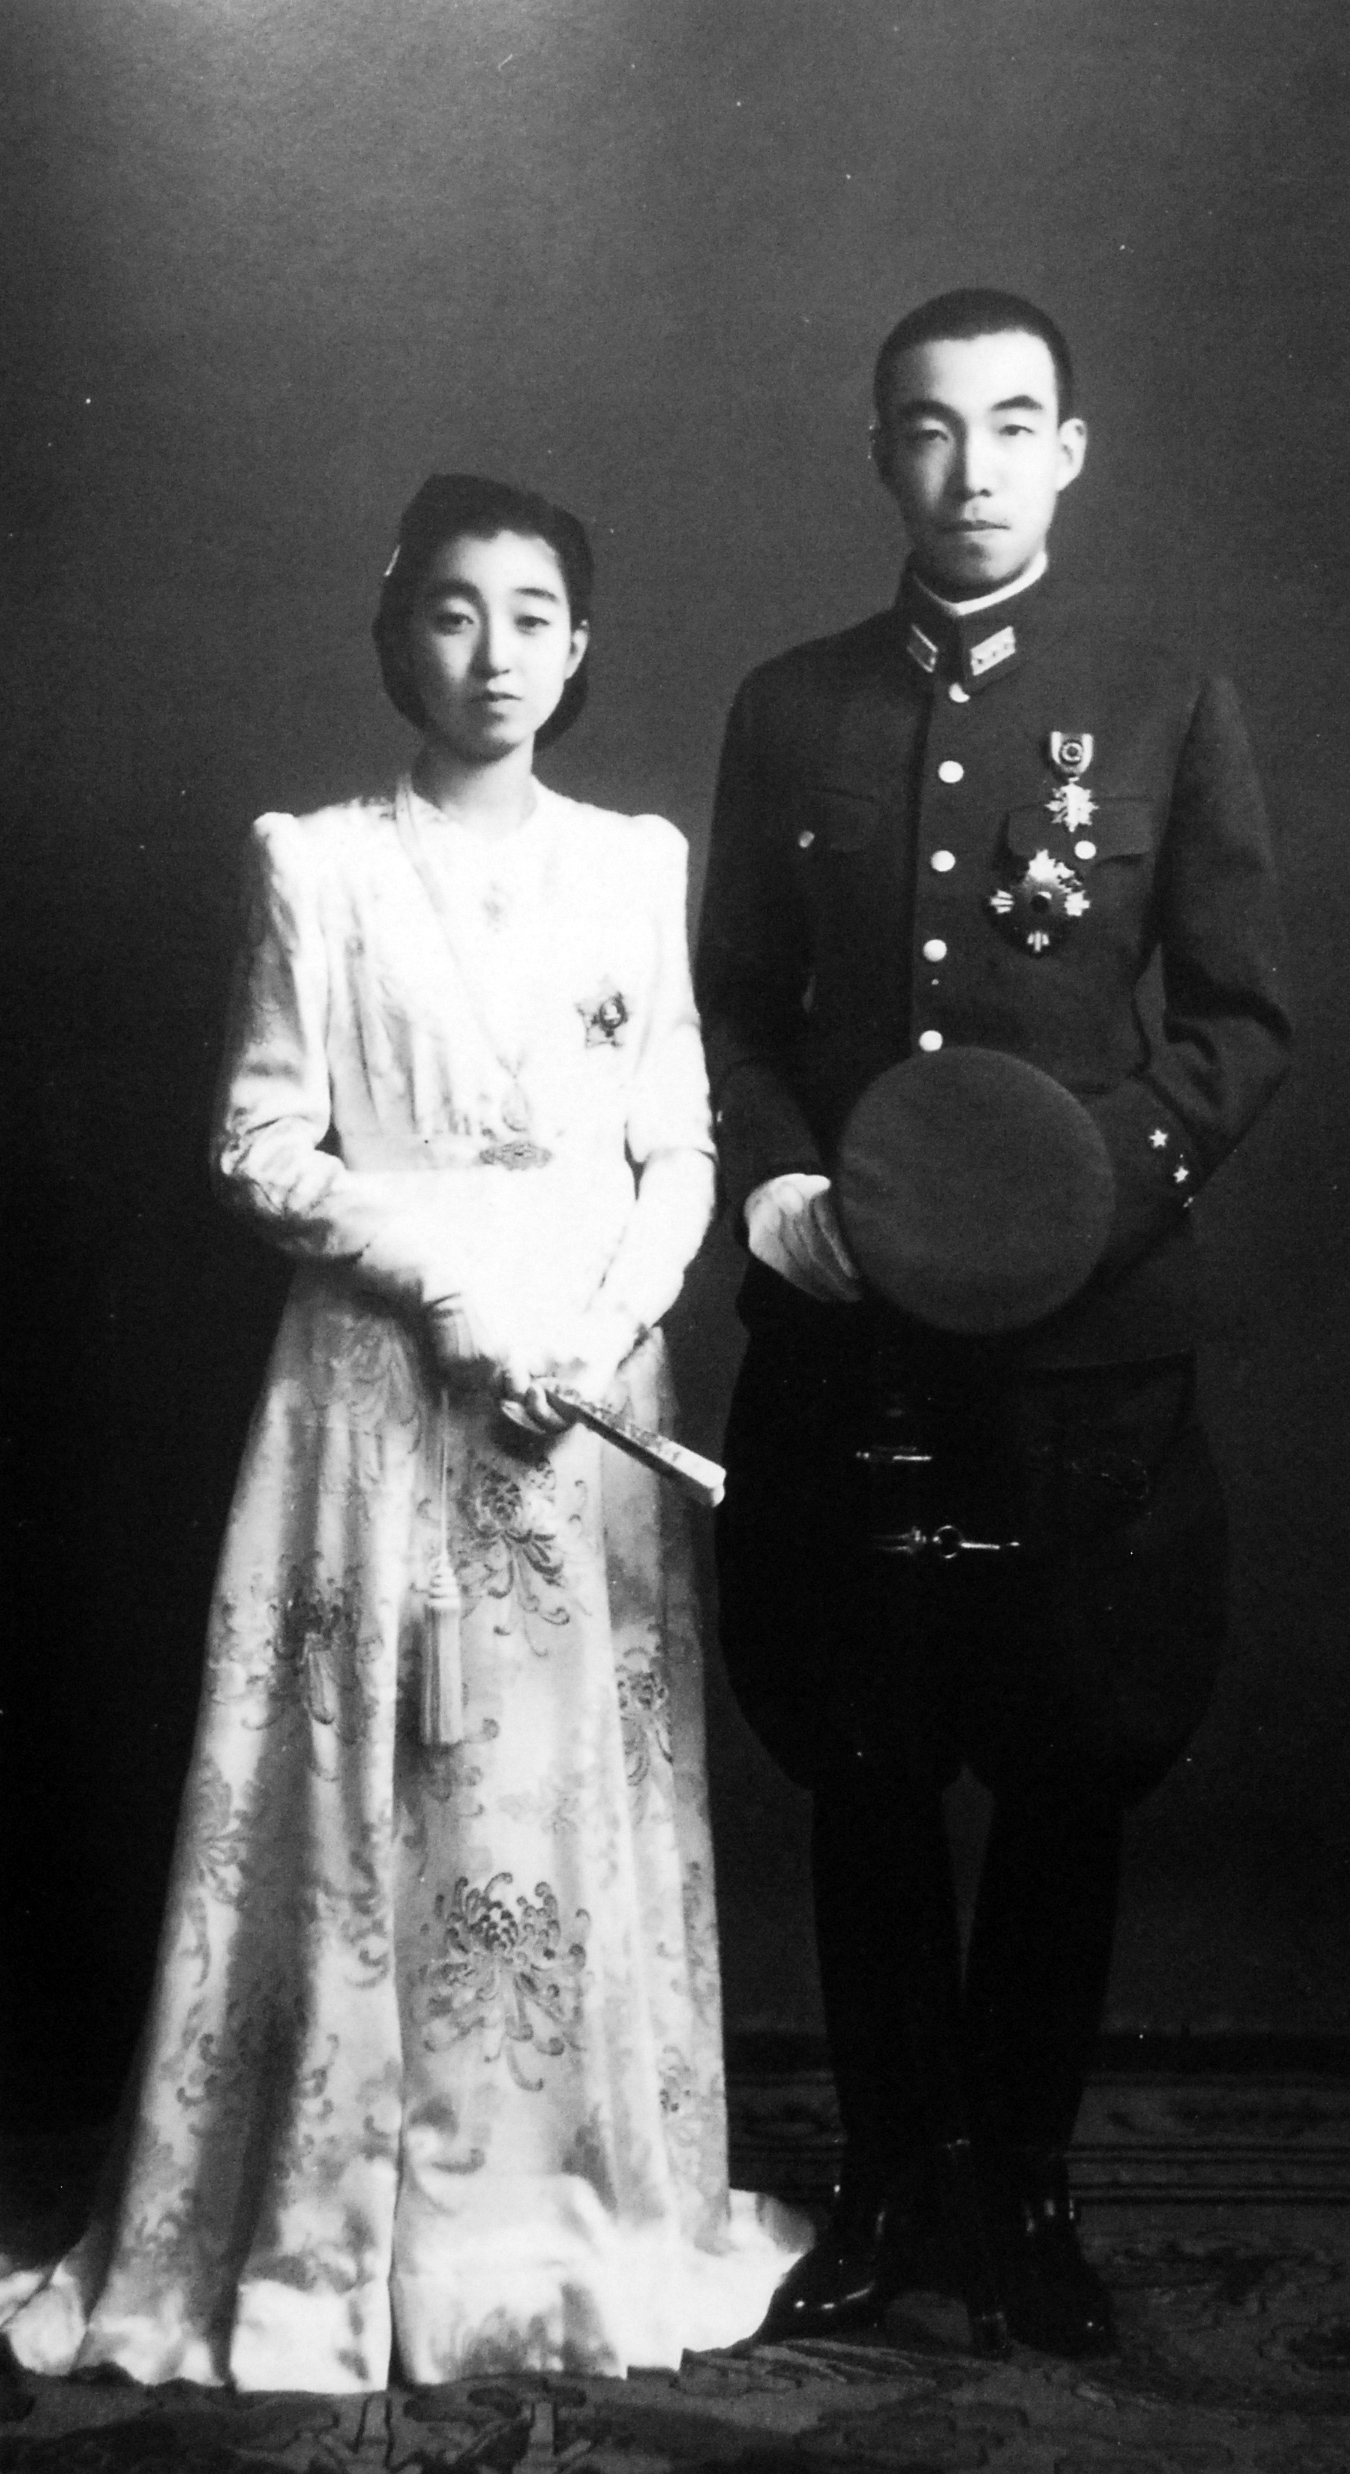 Higashikuni-no-miya 1943 Wedding